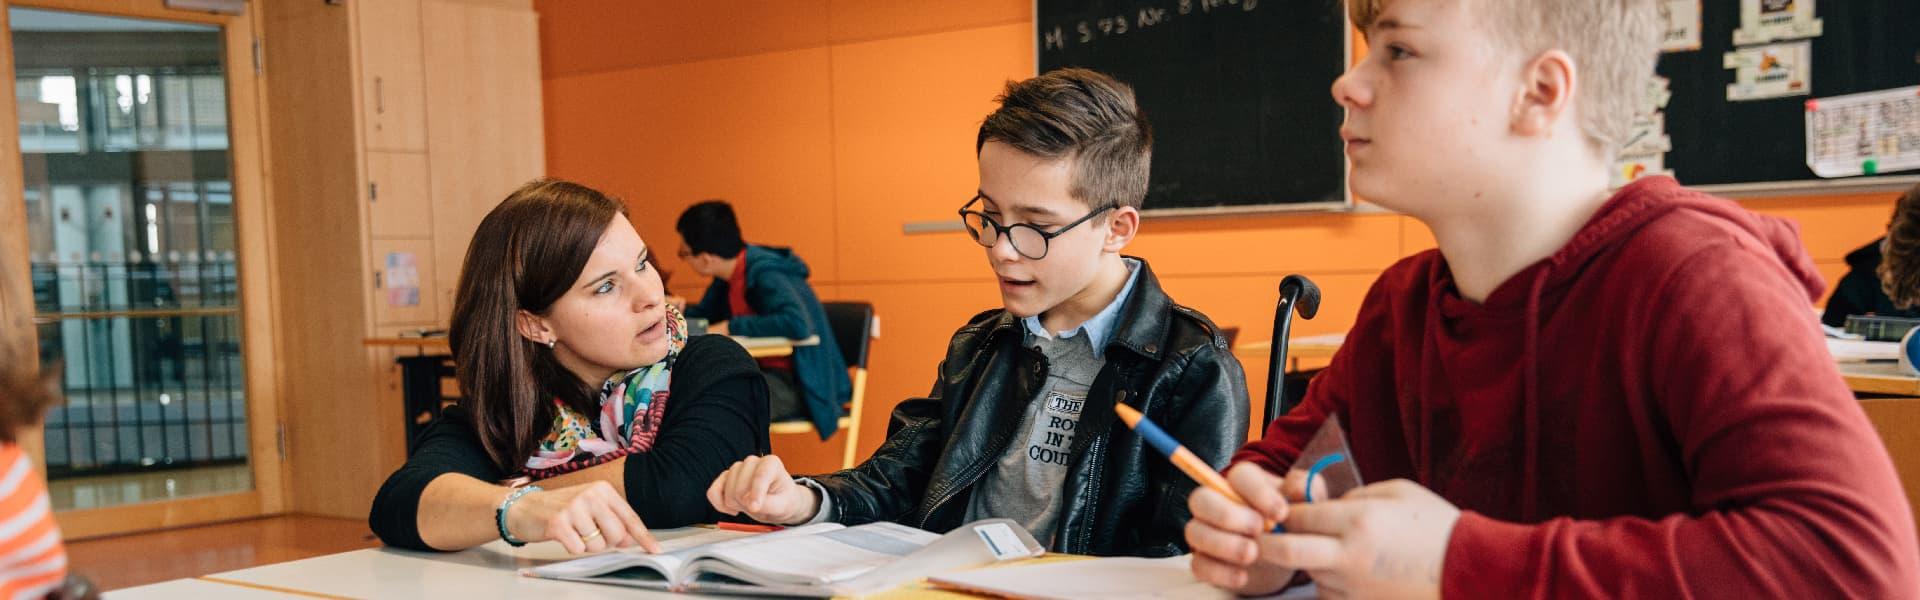 Zwei Schüler beim Lernen in der Schule mit einer Lehrerin